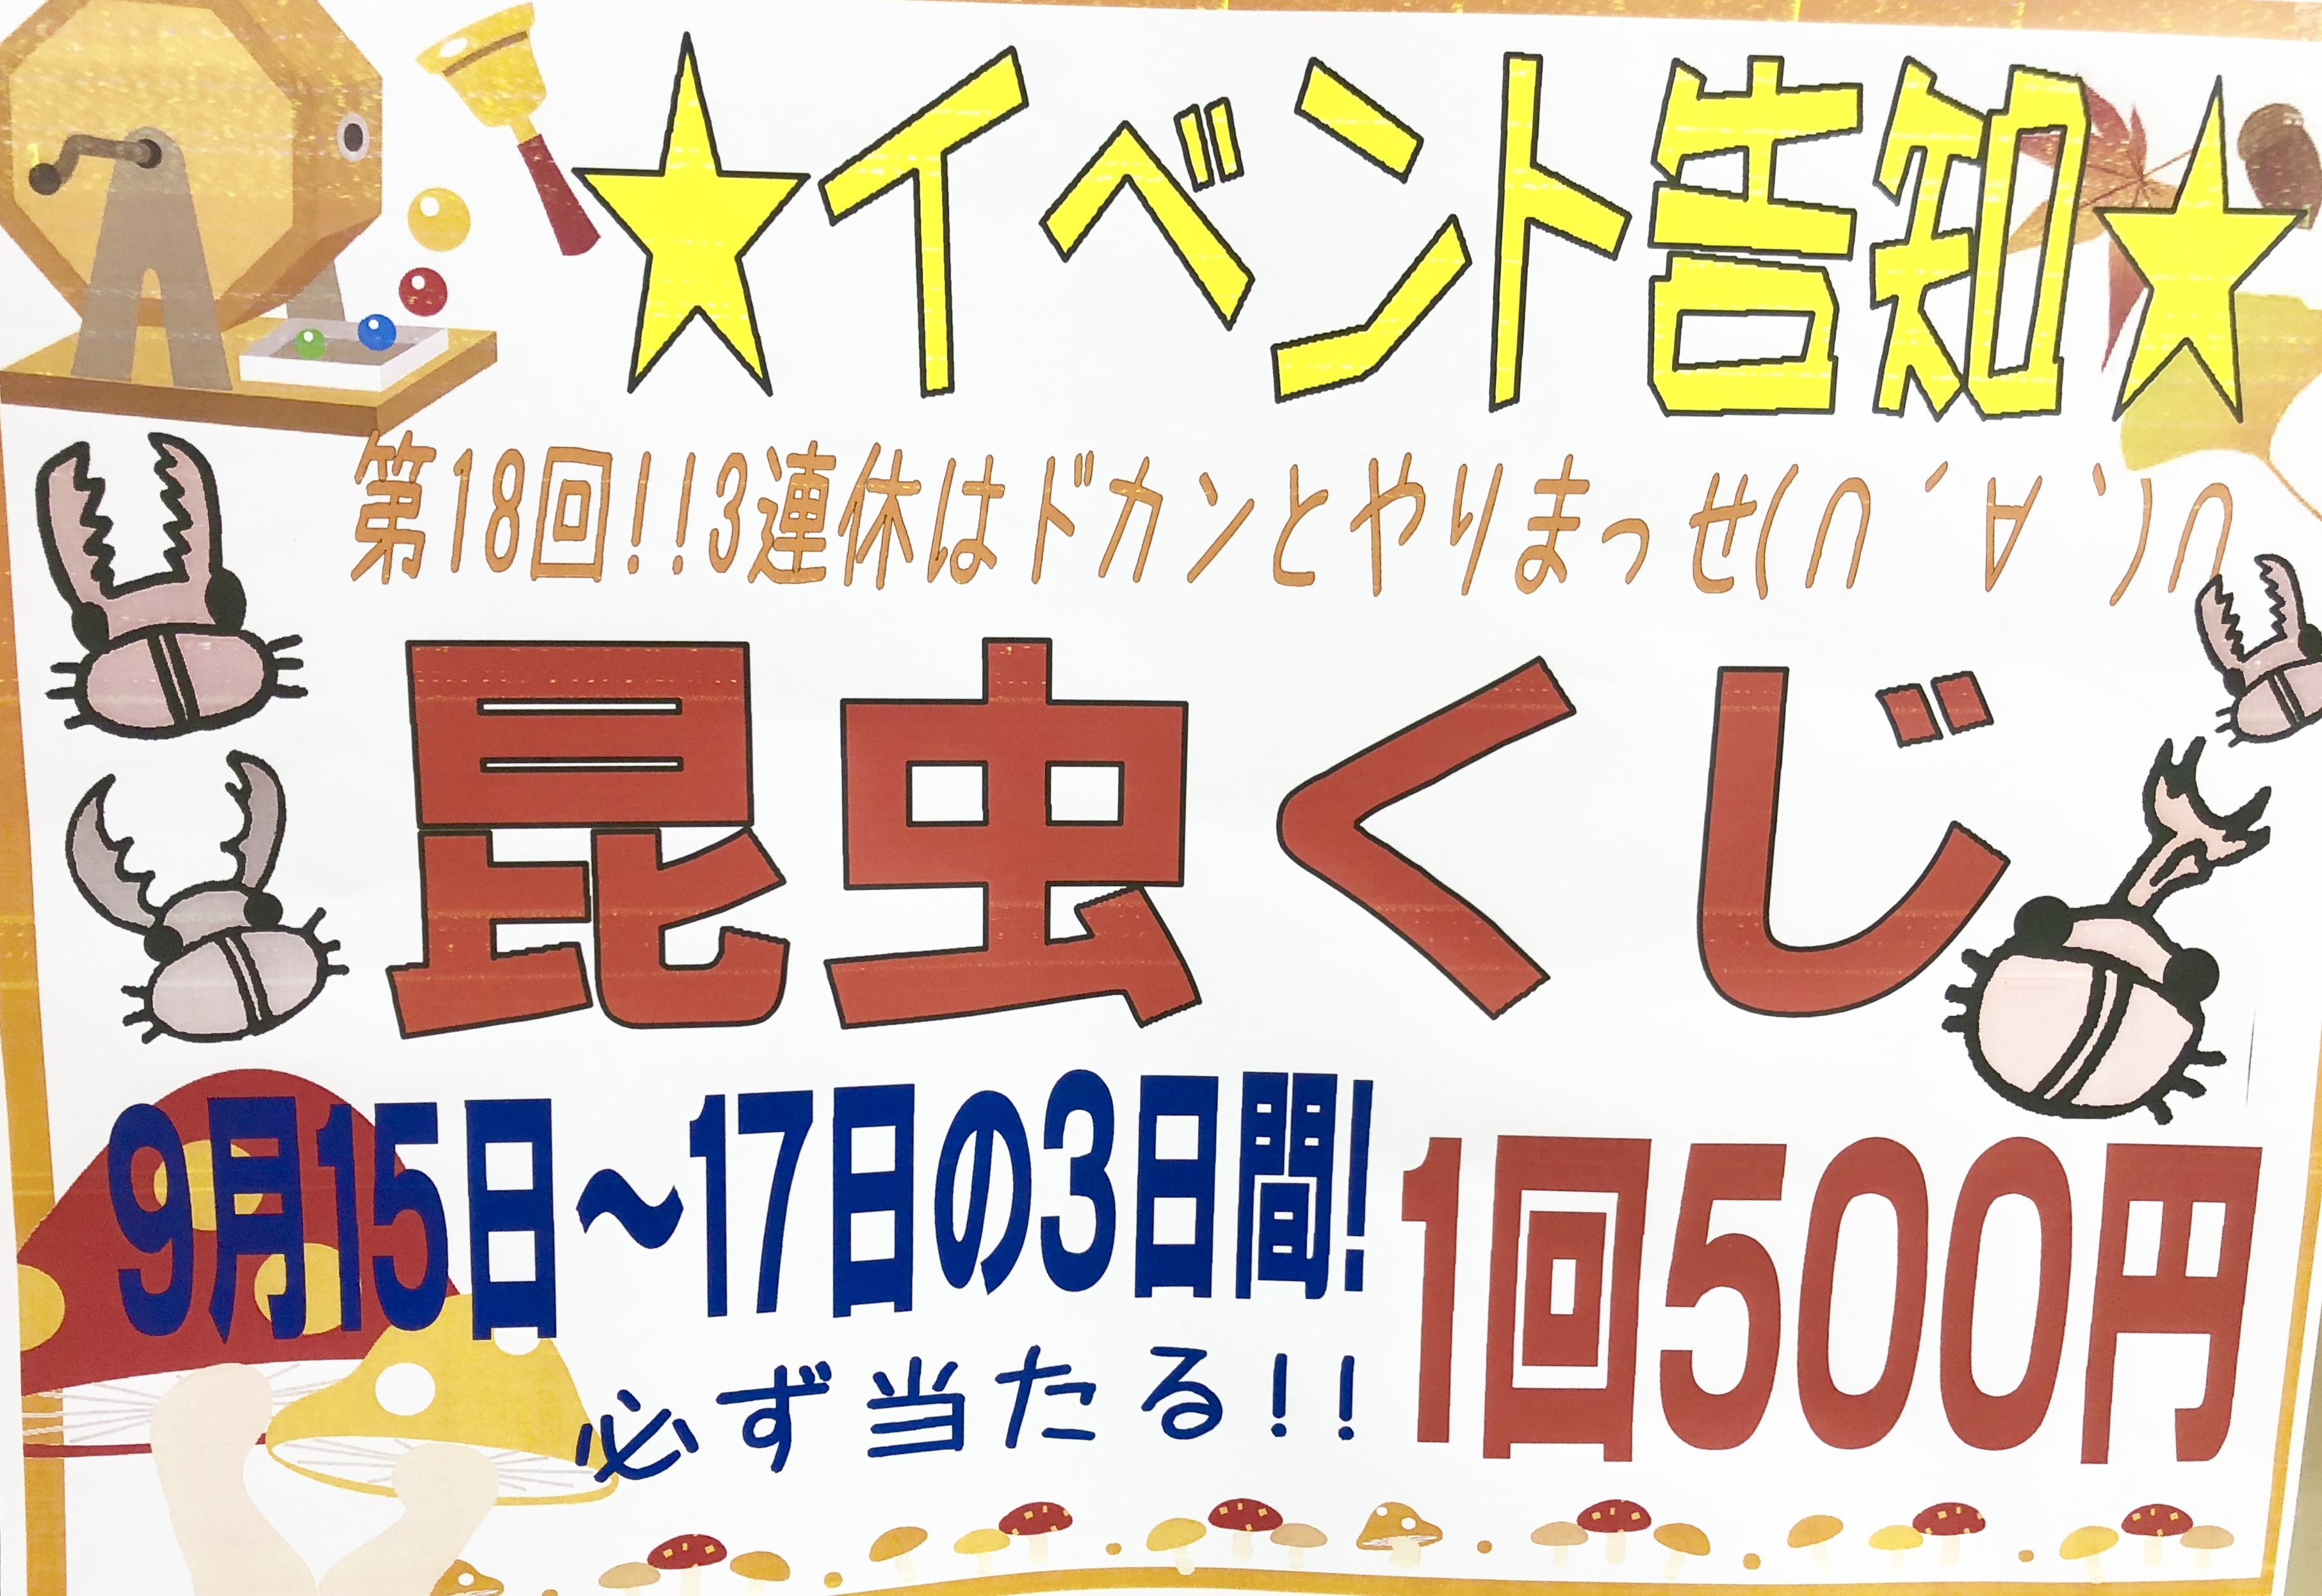 【インター小動物】ワイルドオオヒラタ着弾☆週末三連休は昆虫クジも!